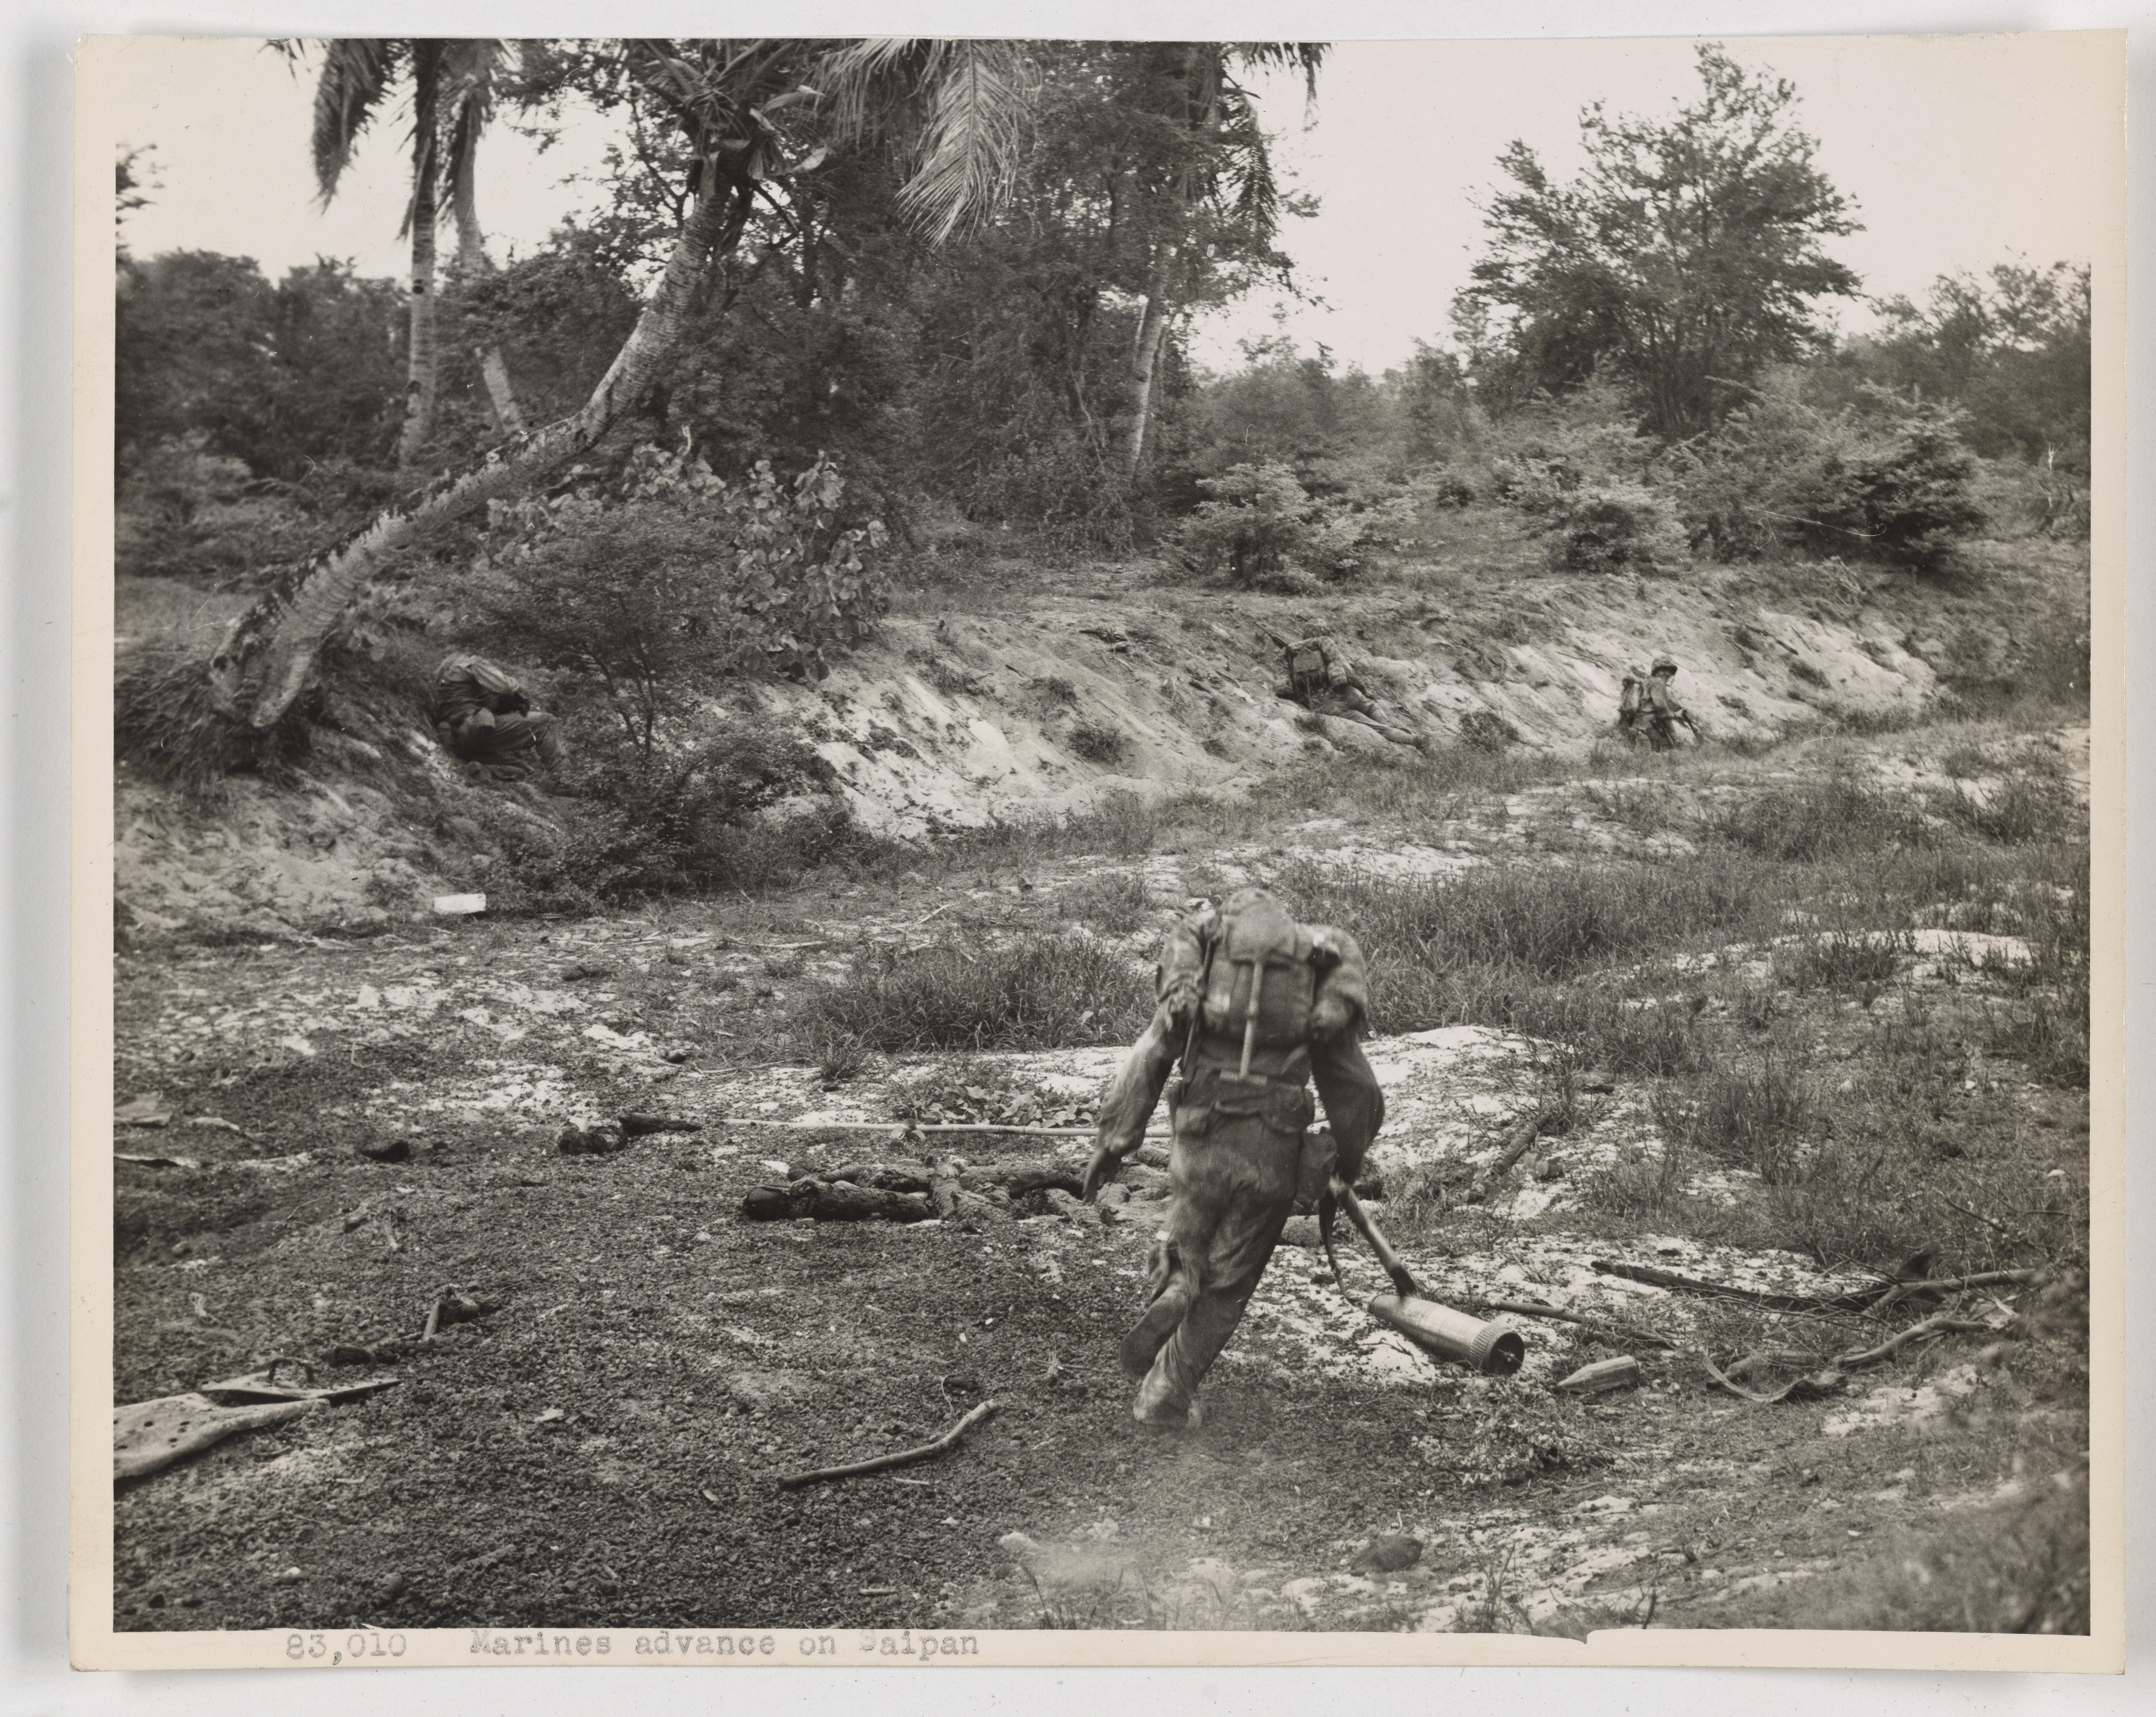 World War II – Saipan